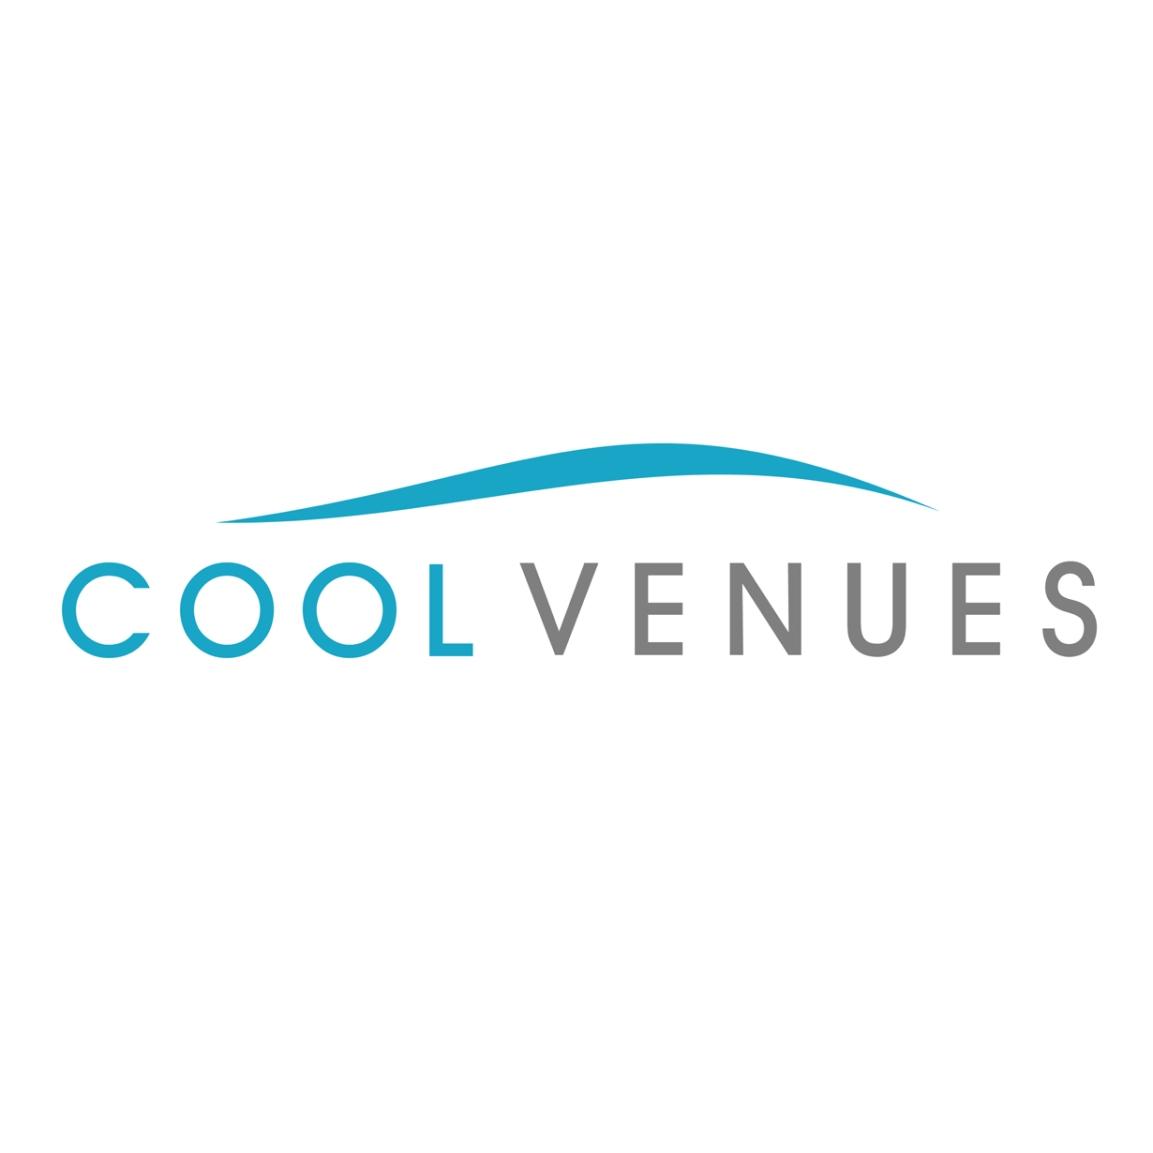 Cool Venues